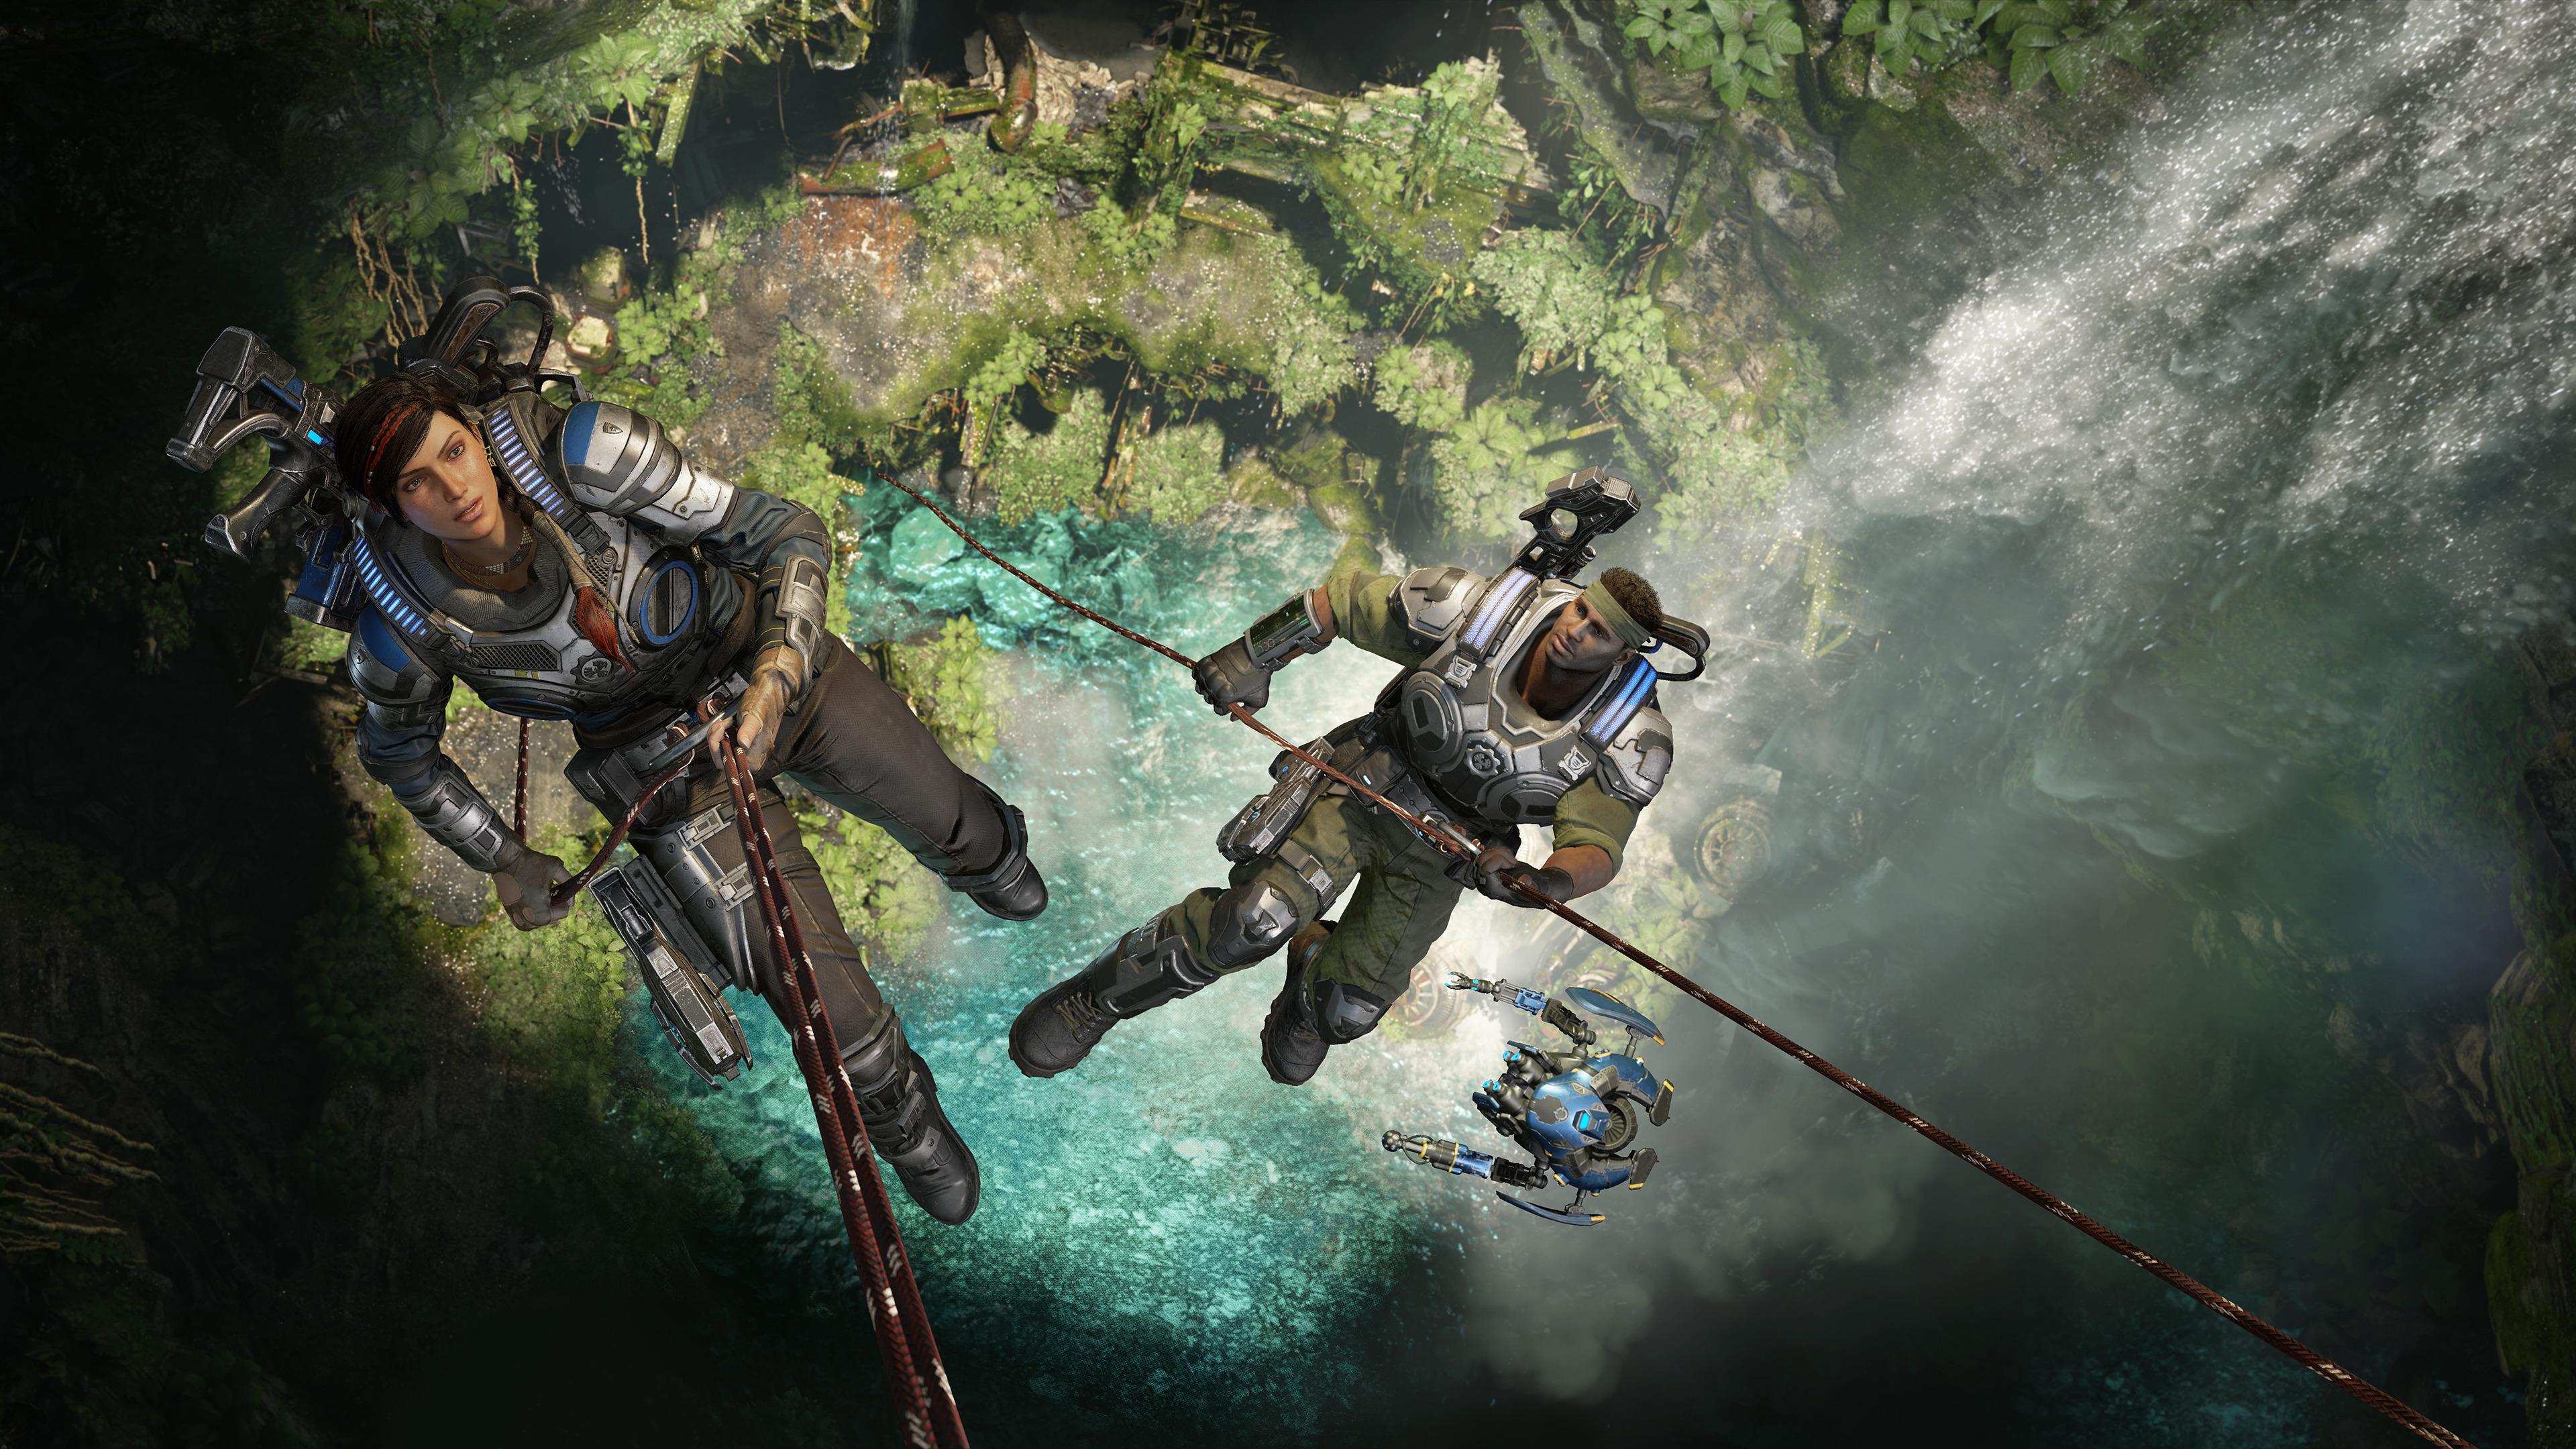 Gears Of War Hd Wallpapers: Gears Of War 5, HD Games, 4k Wallpapers, Images